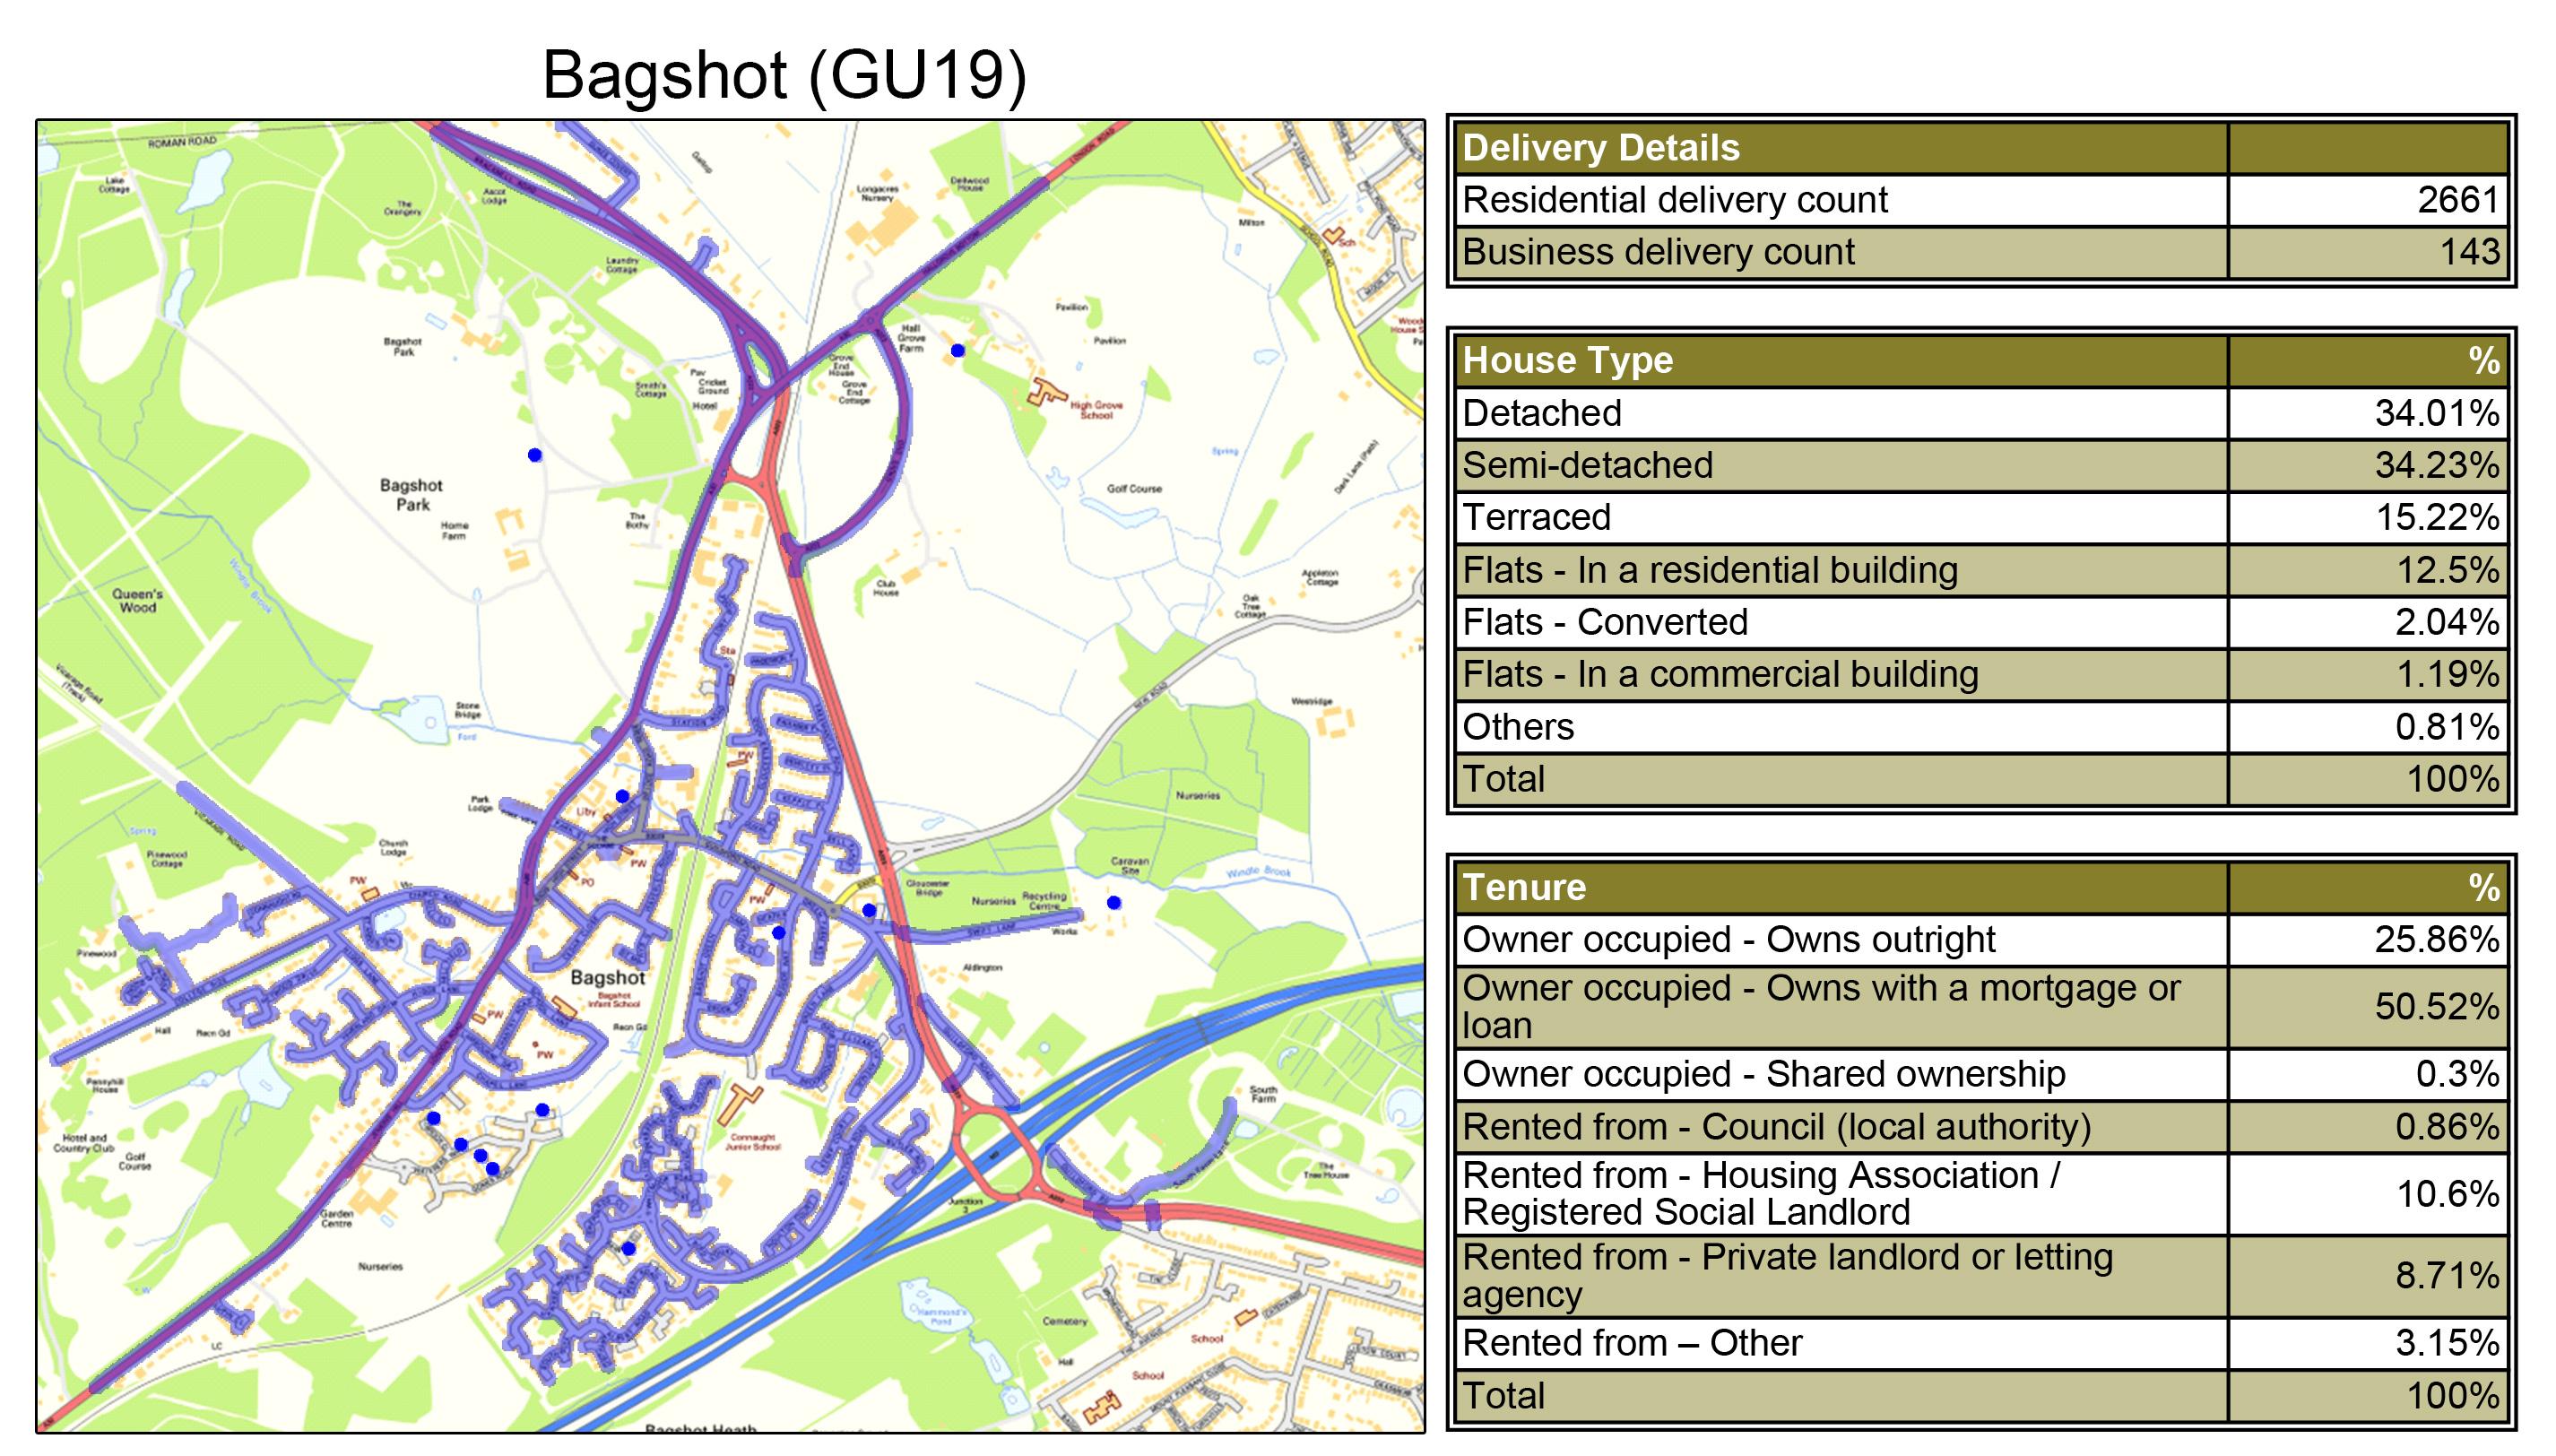 Leaflet Distribution Bagshot - Geoplan Image